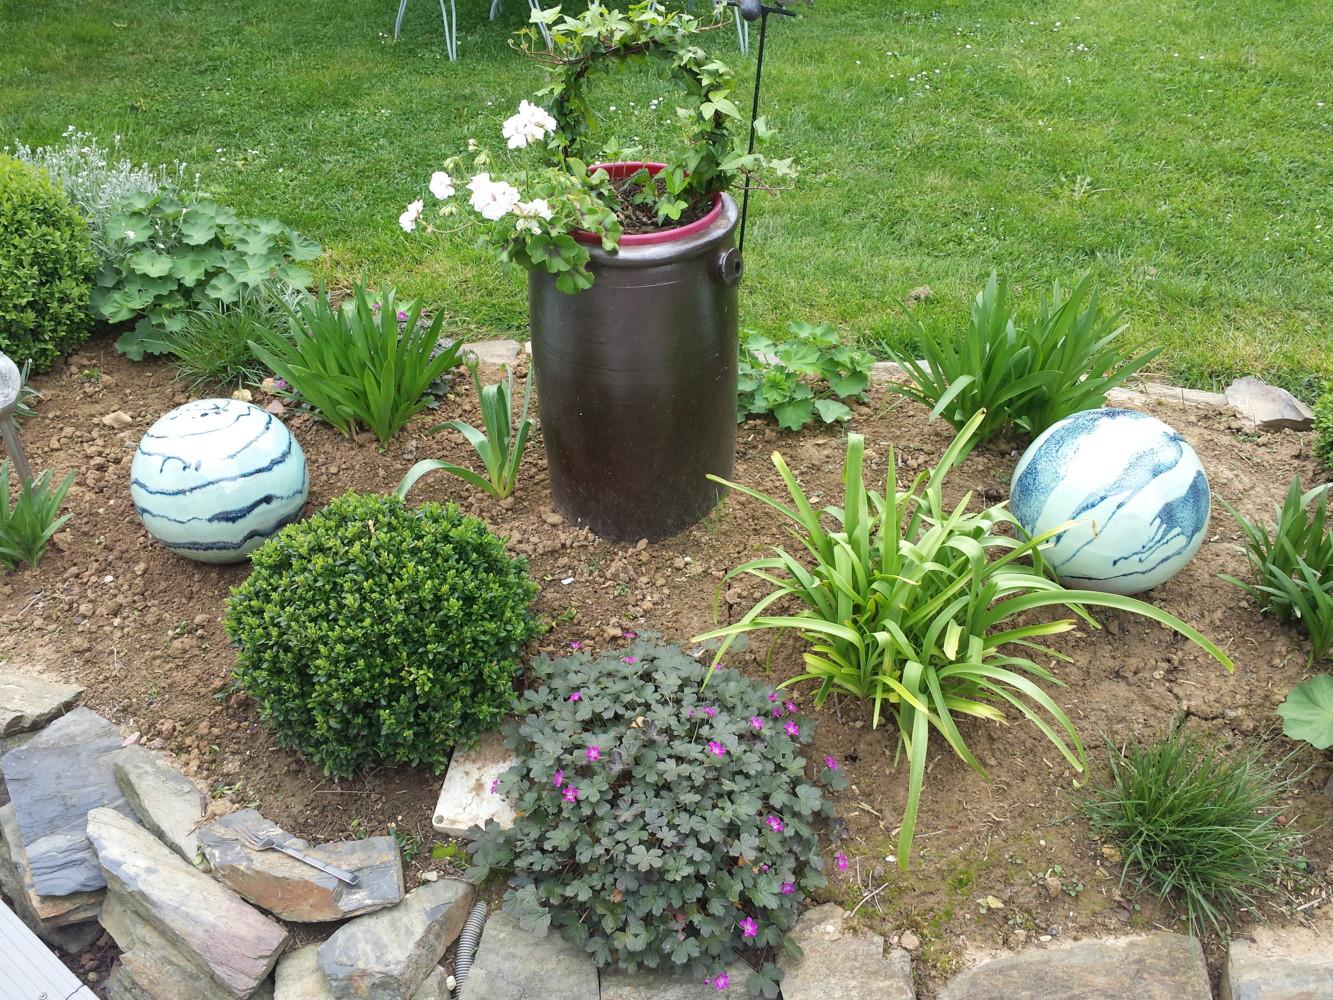 Boules En Grès Pour La Décoration Extérieure, Poteries De Jardin concernant Boule Décorative Jardin